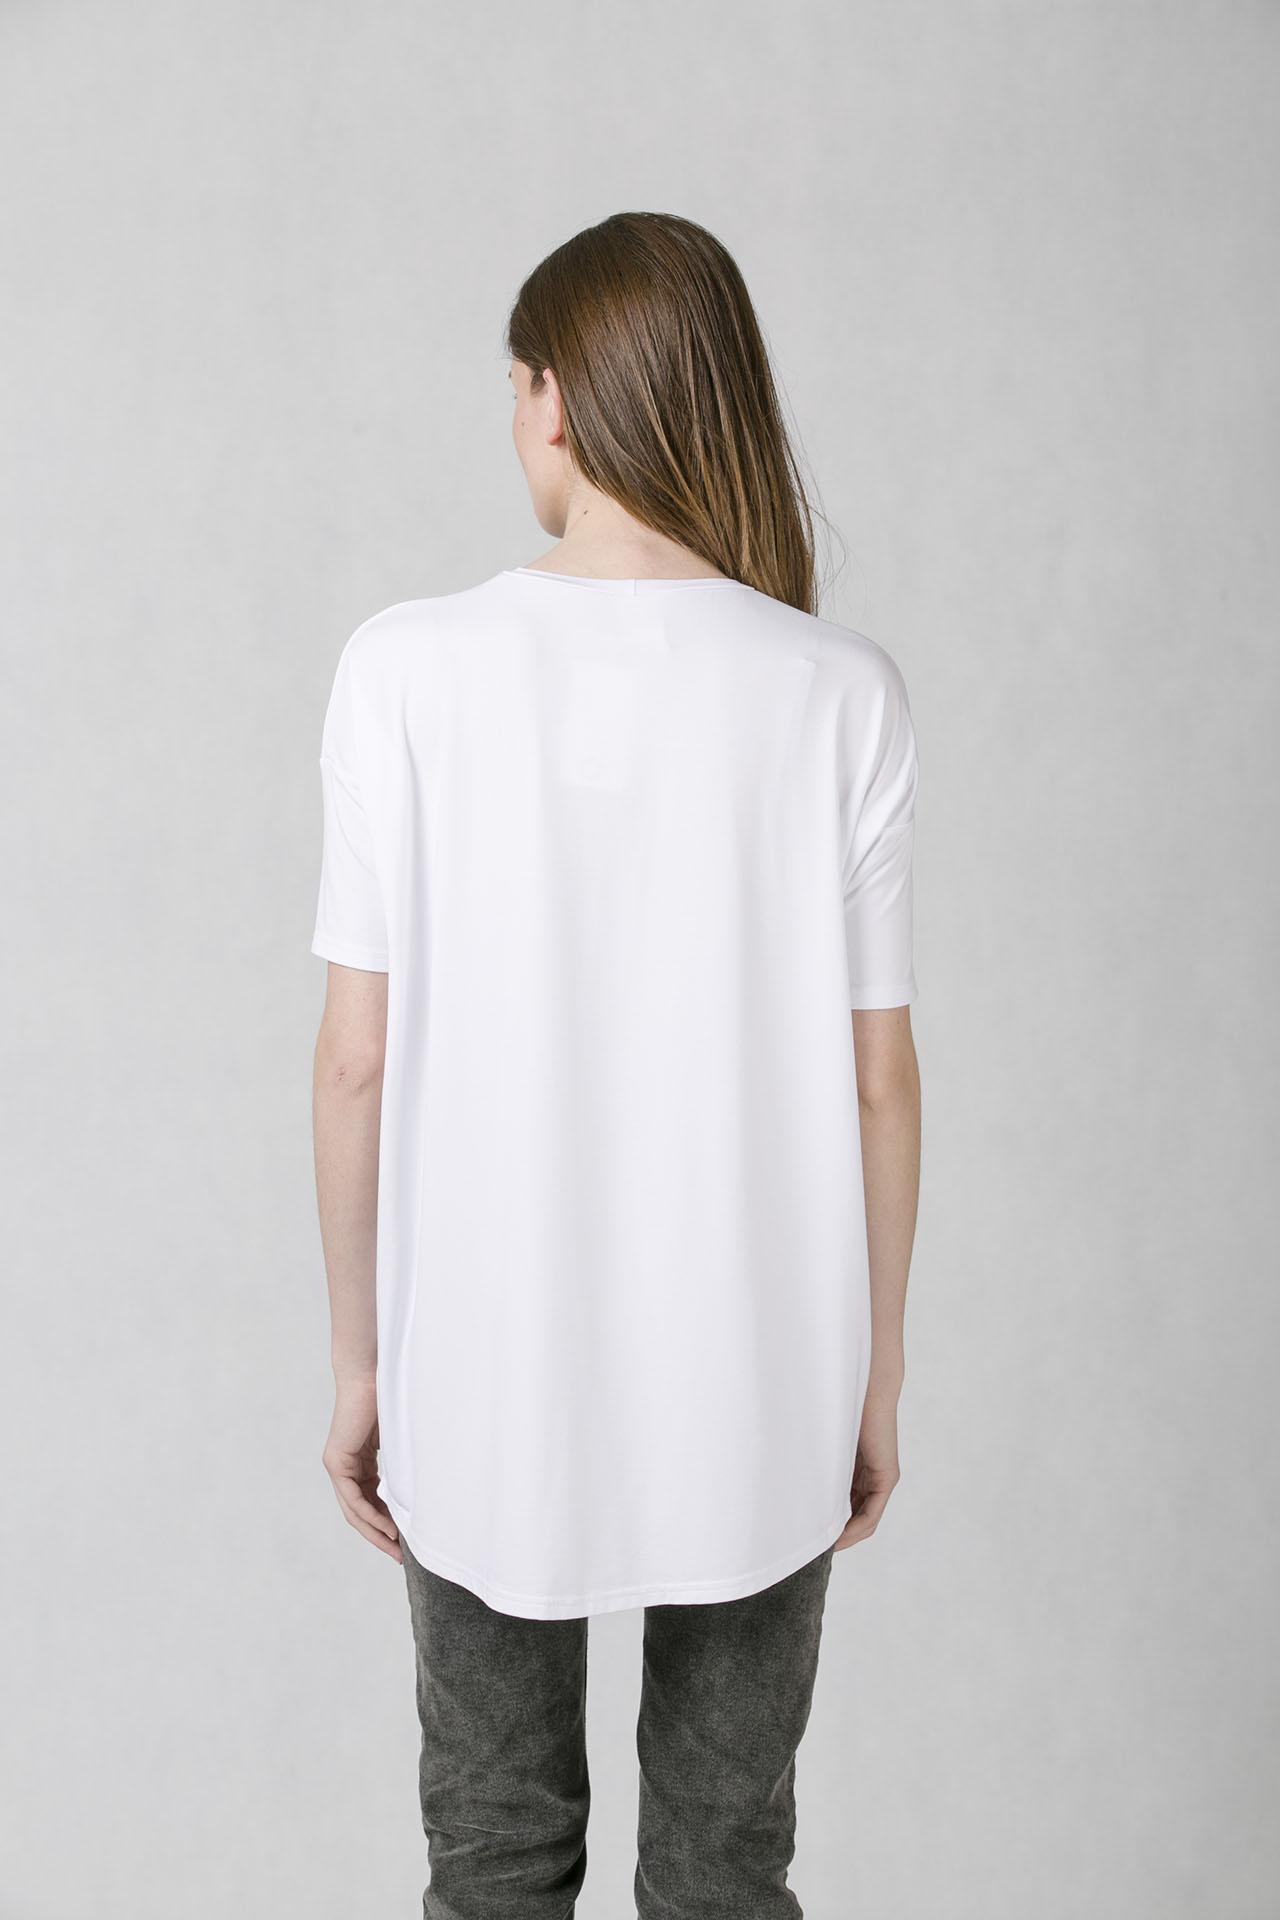 Dámské tričko ONEDAY s originálním potiskem od Víta Svobody a4c5afa19f